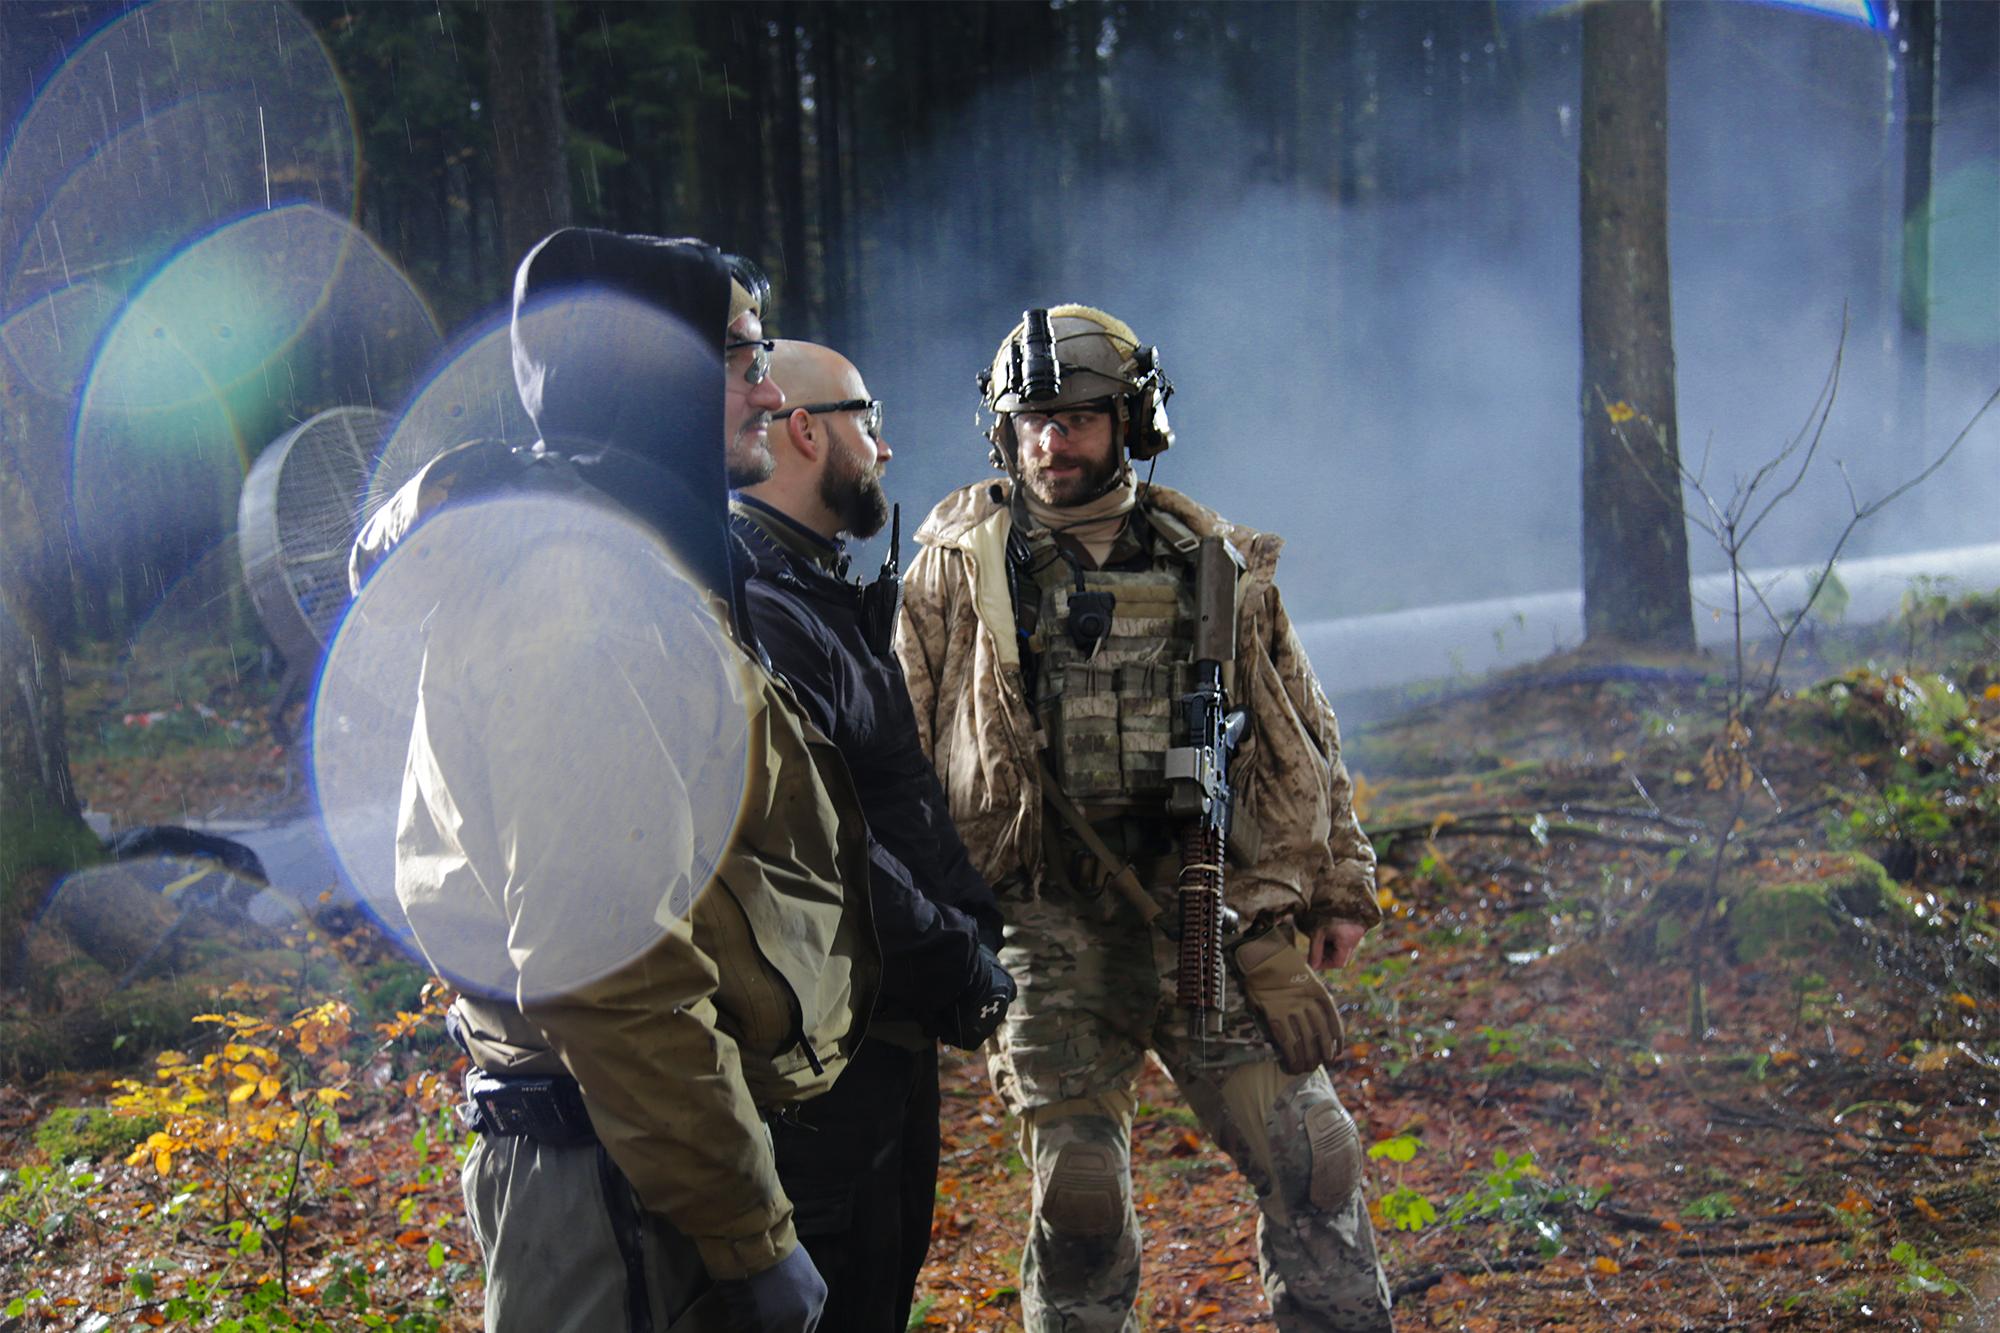 MG ACTION, Stuntteam Deutschland, Action design,